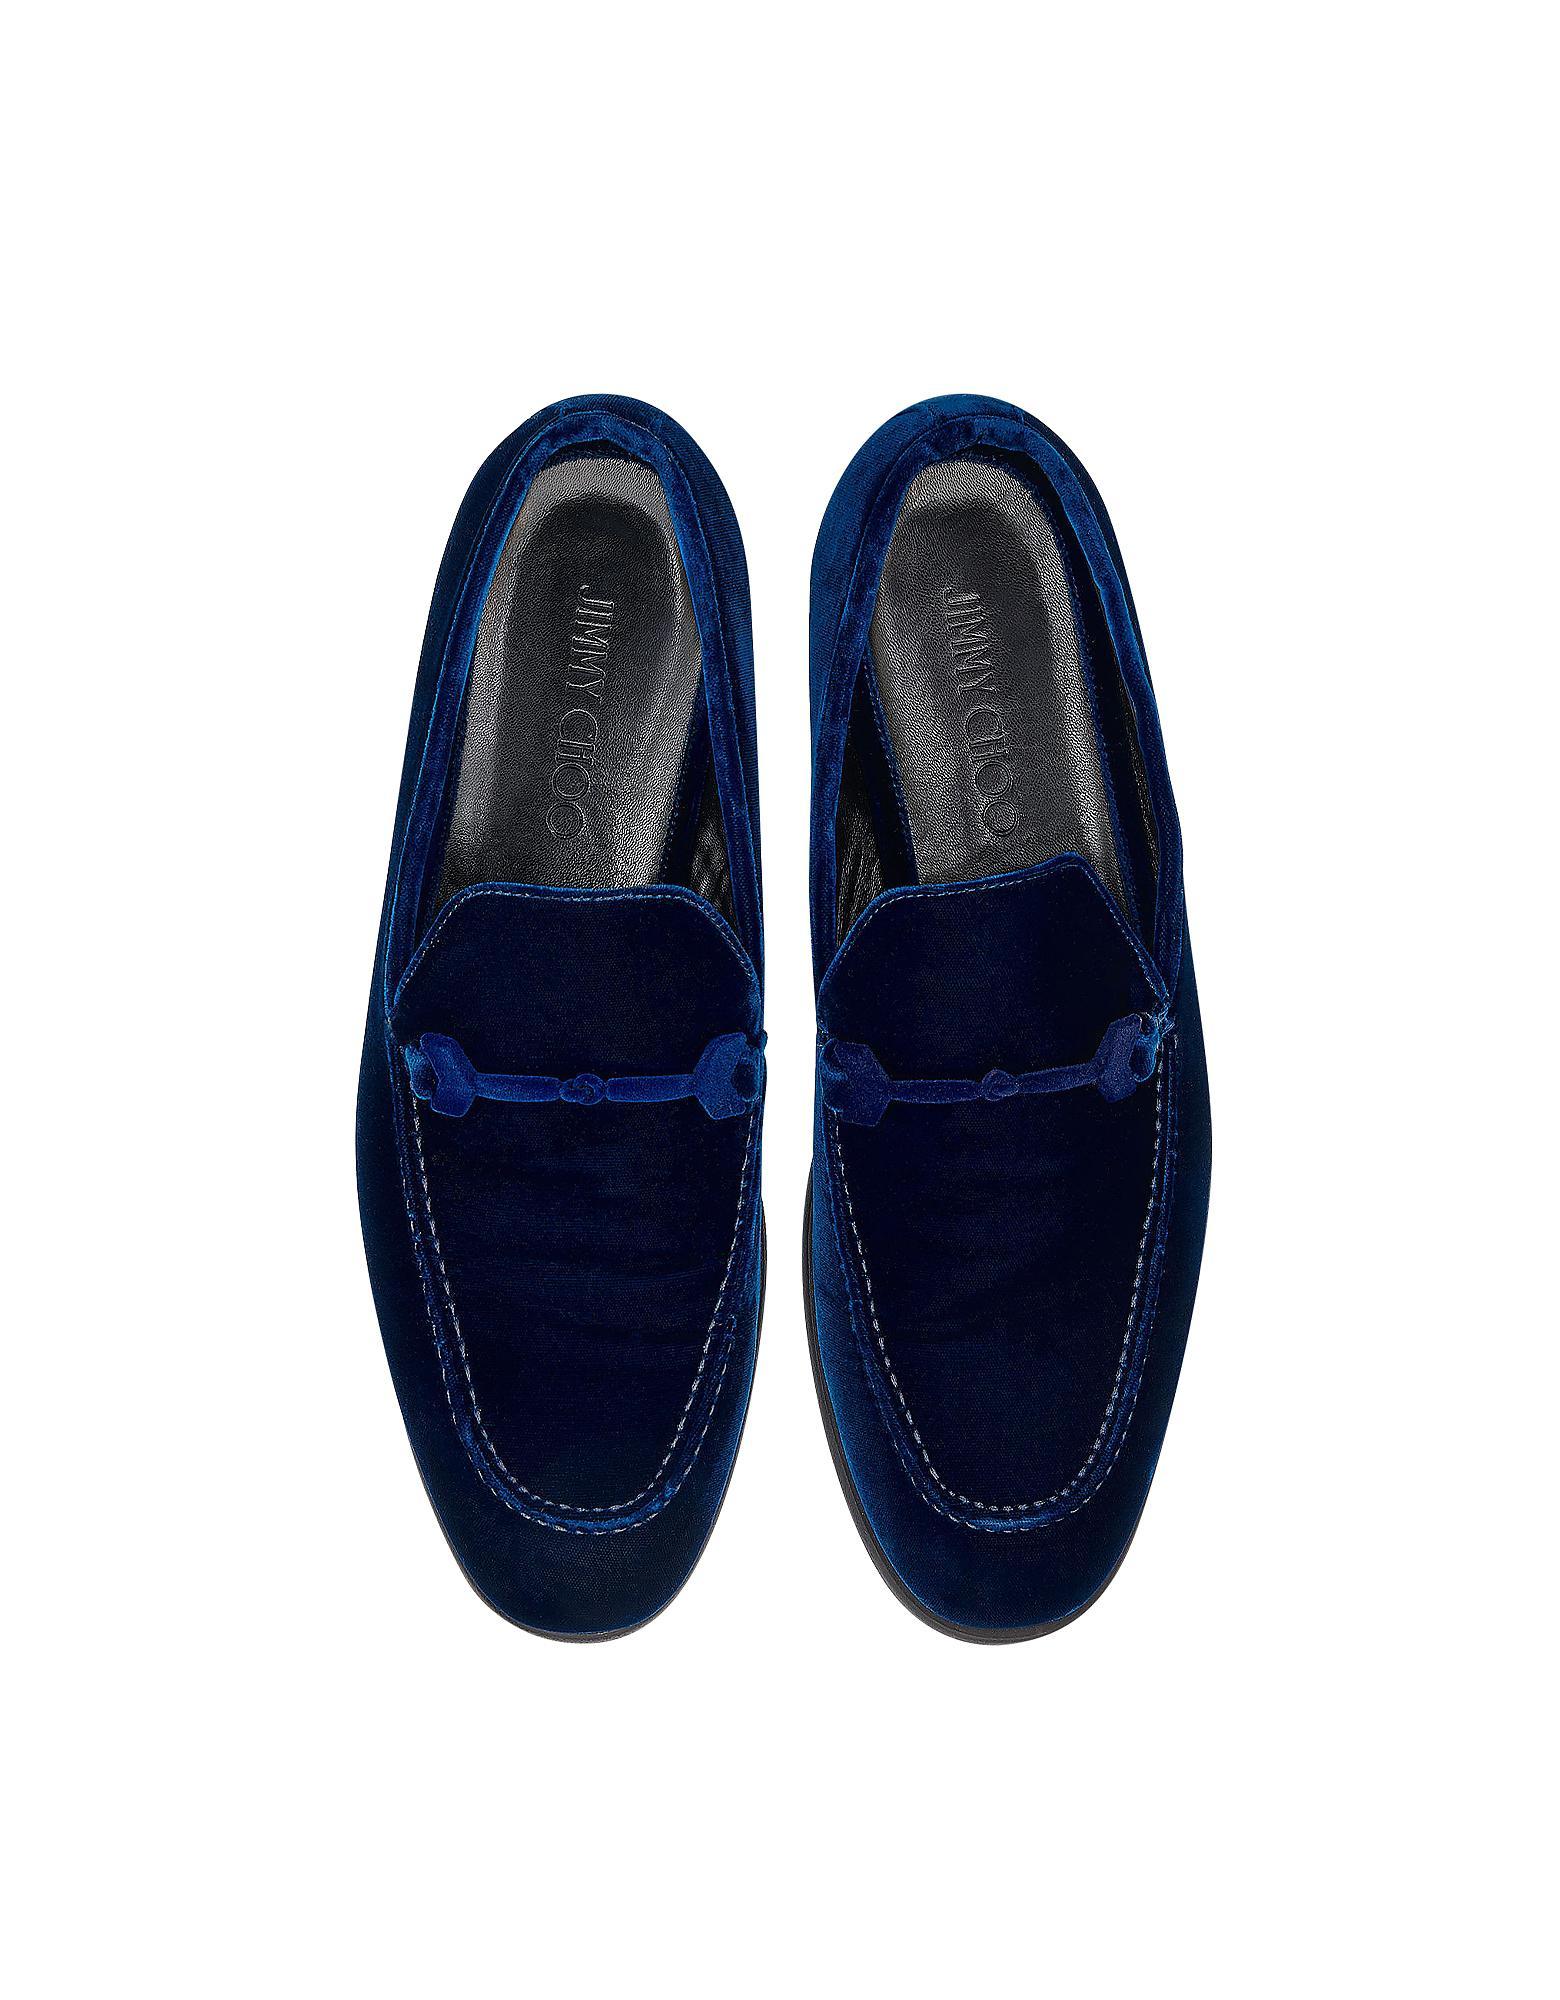 1af010cf1fd Jimmy Choo Marti Navy Blue Velvet Loafer in Blue for Men - Lyst